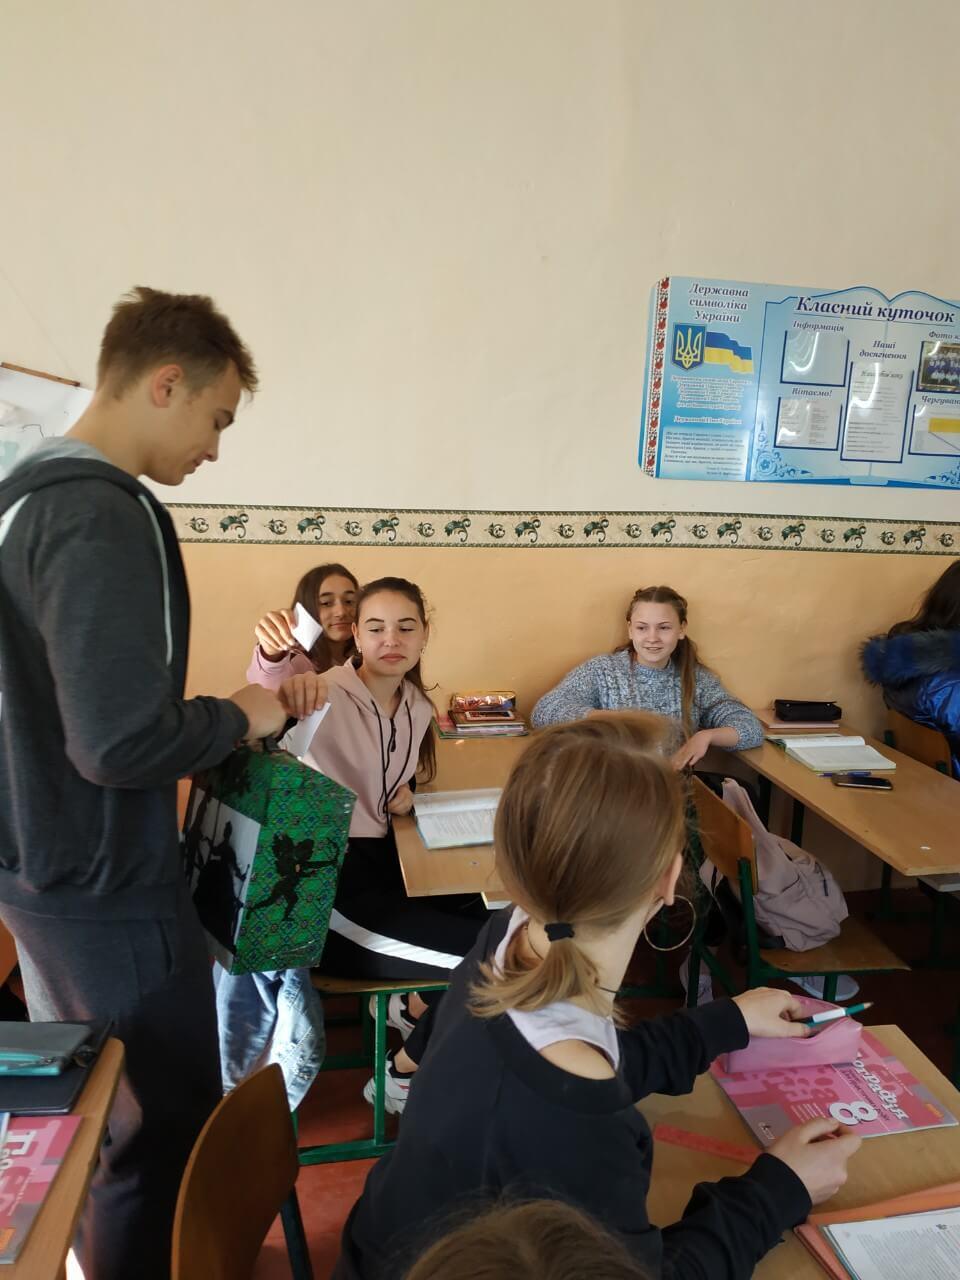 zobrazhennya viber 2019 09 25 16 11 13 - Вибори президента учнівського самоврядування